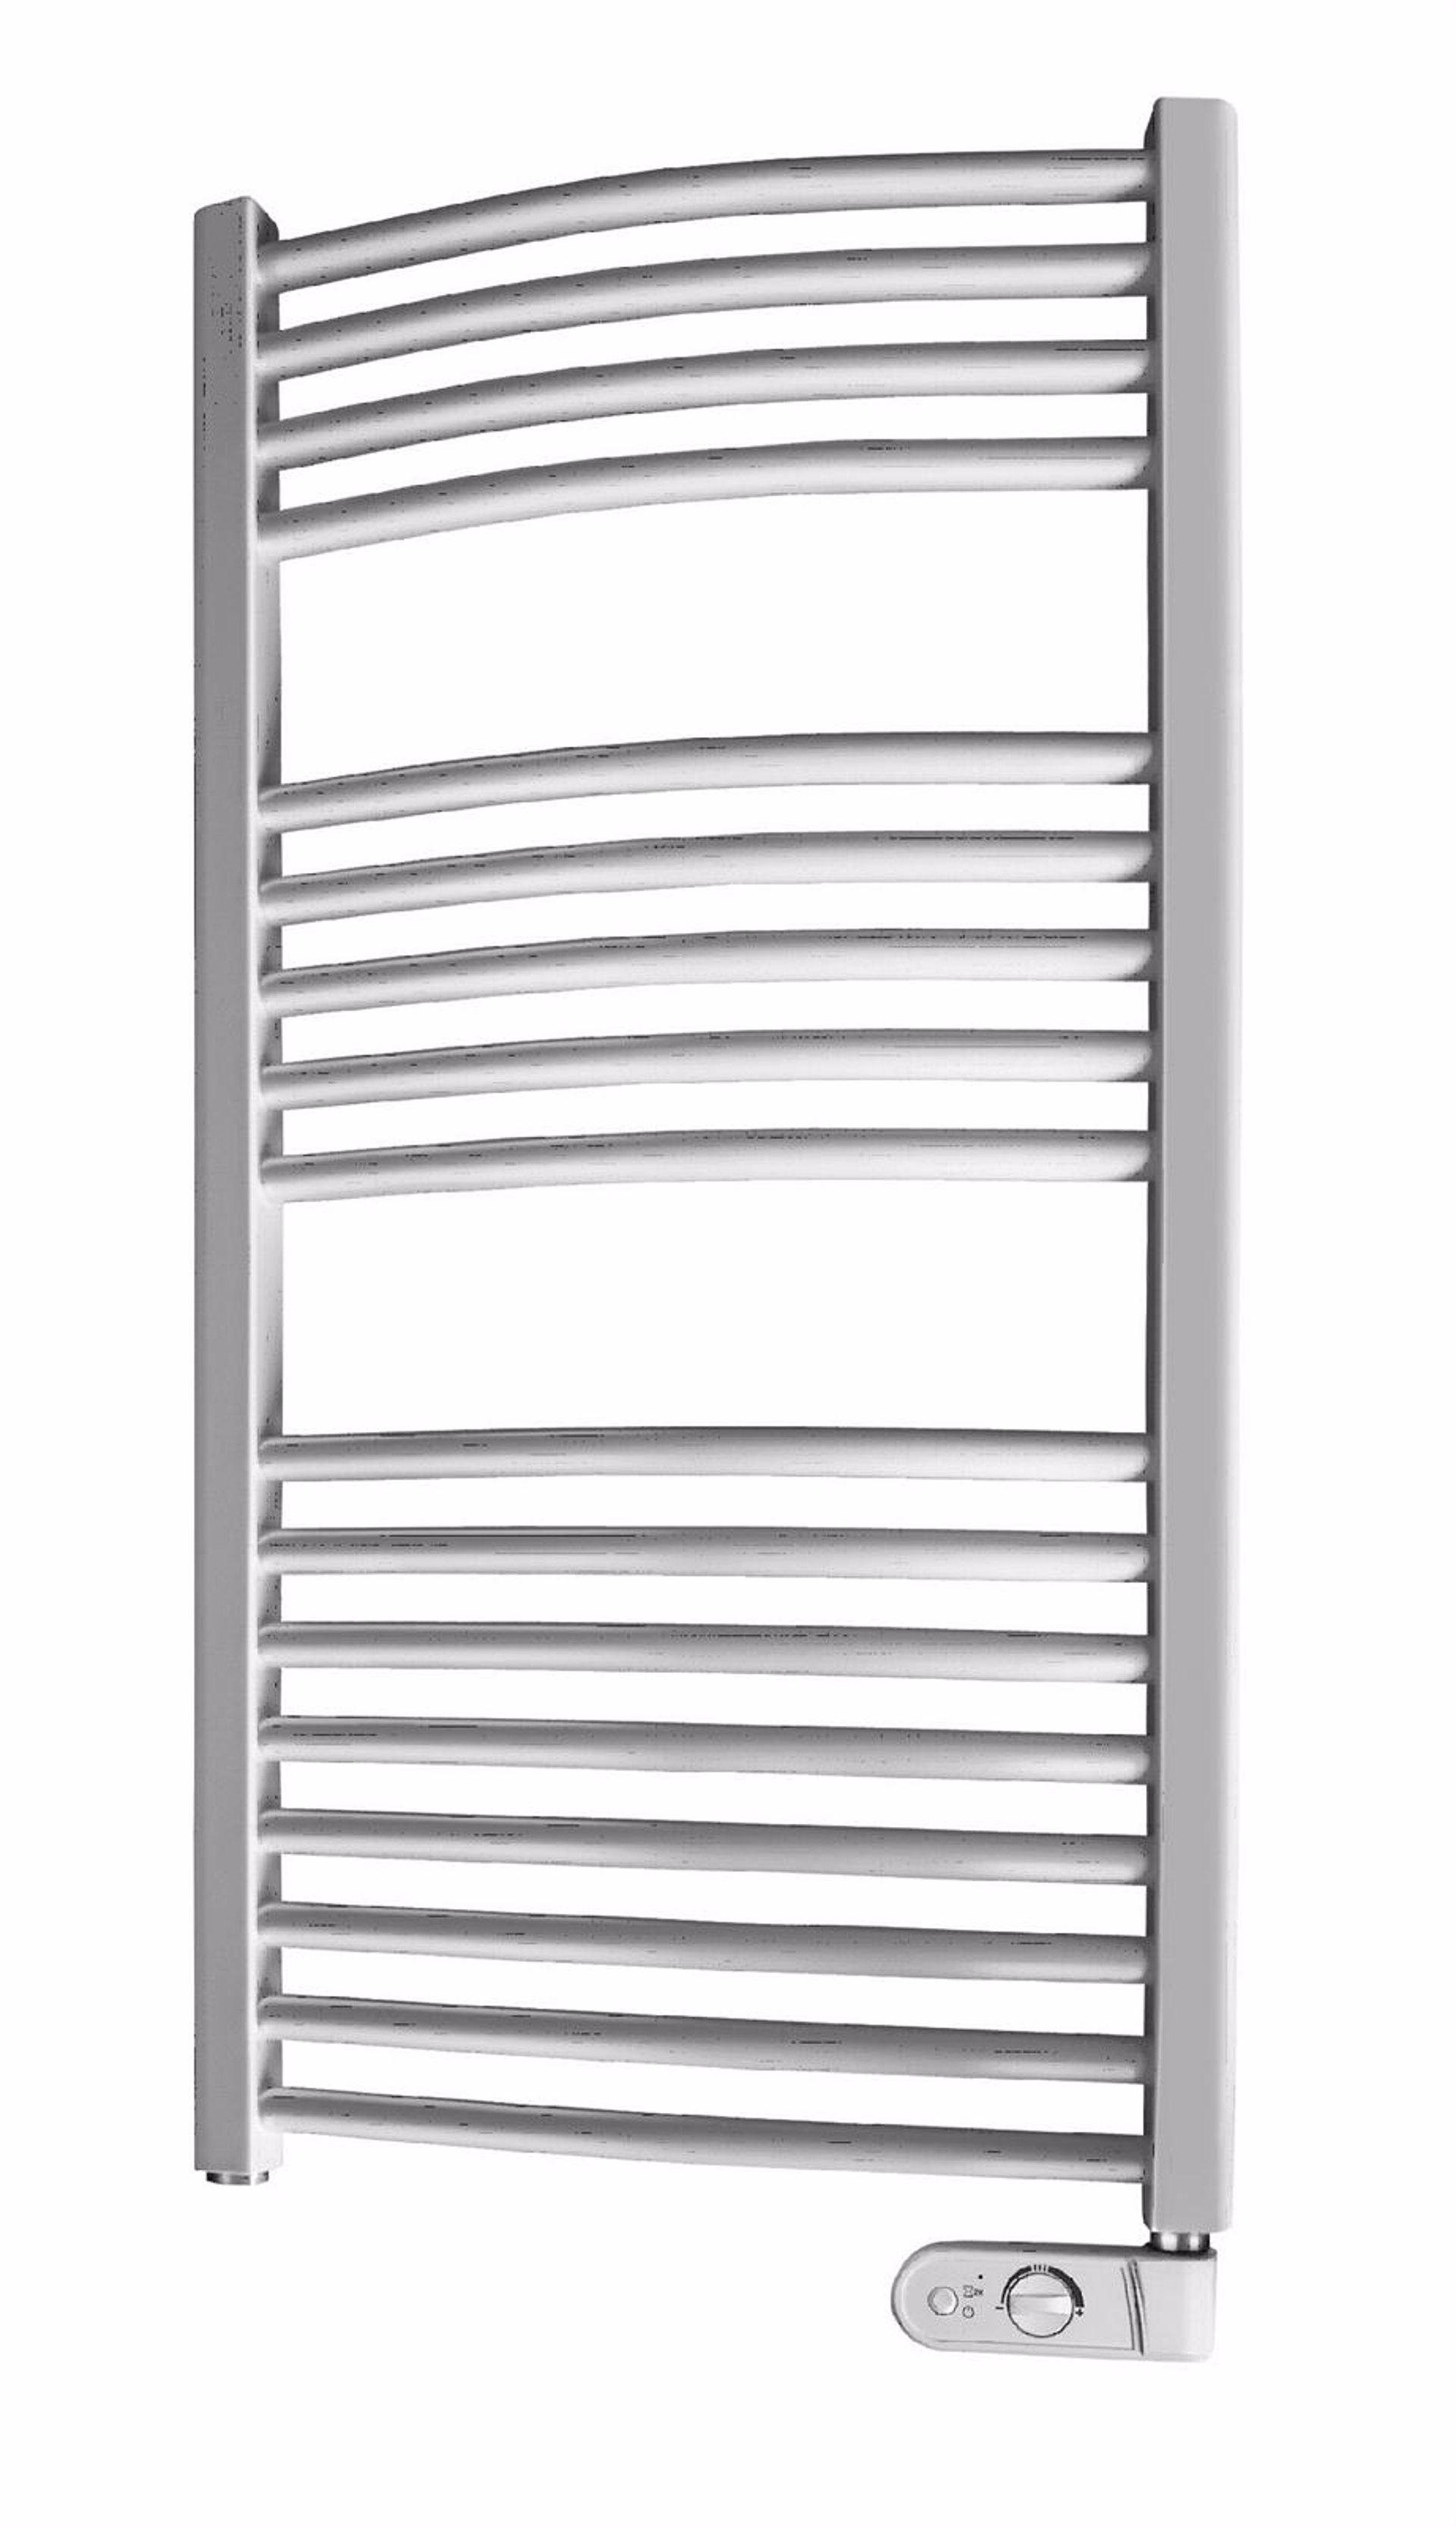 Radiador electrico bajo consumo precio perfect radiador - Leroy merlin termos electricos ...